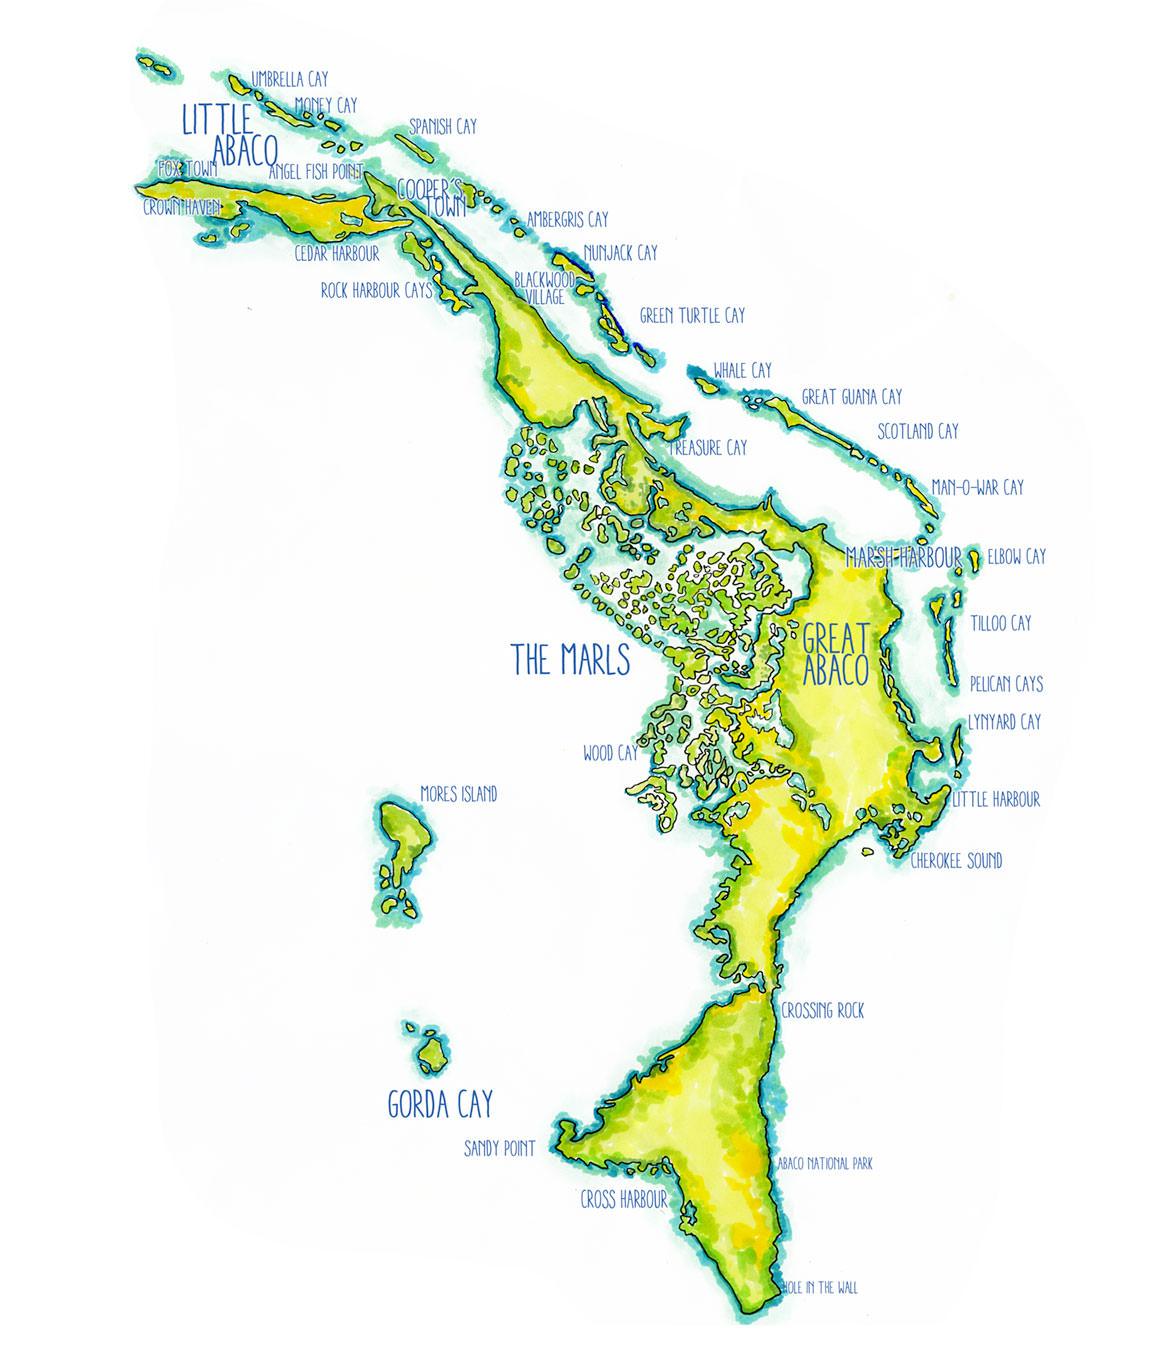 Map of the Abaco Islands Map Of Abaco Island Bahamas on world map bahamas, eleuthera bahamas, map of the abaco islands, cat island bahamas, elbow island bahamas, arial maps of abaco bahamas, map all caribbean islands, harbour island bahamas, map of abaco with distances, road map of abaco bahamas, map of southern caribbean islands, map showing bahamas, andros island bahamas, crooked island bahamas, great iguana island bahamas, sea of abaco bahamas, grand lucayan bahamas, map of marsh harbour abaco, map of scrub island british virgin islands, nautical map of abaco bahamas,